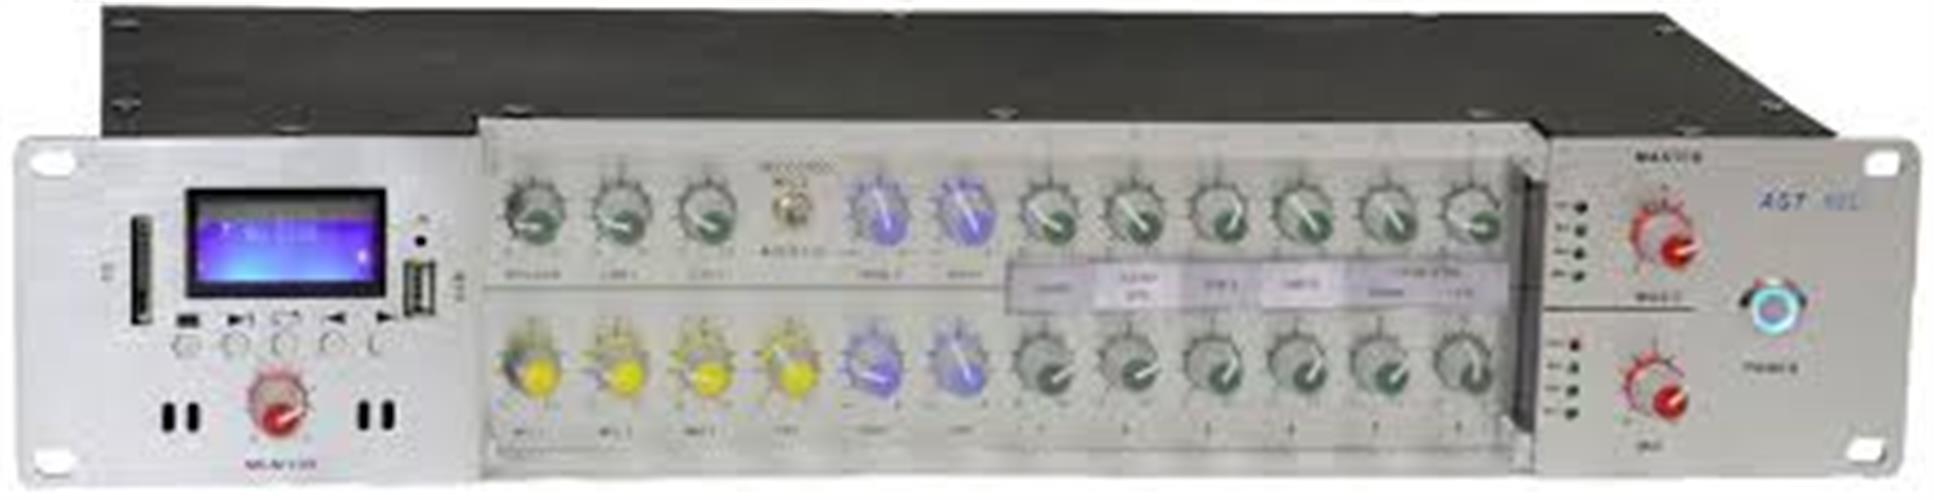 מיקסר מטריצה AST 6ZC